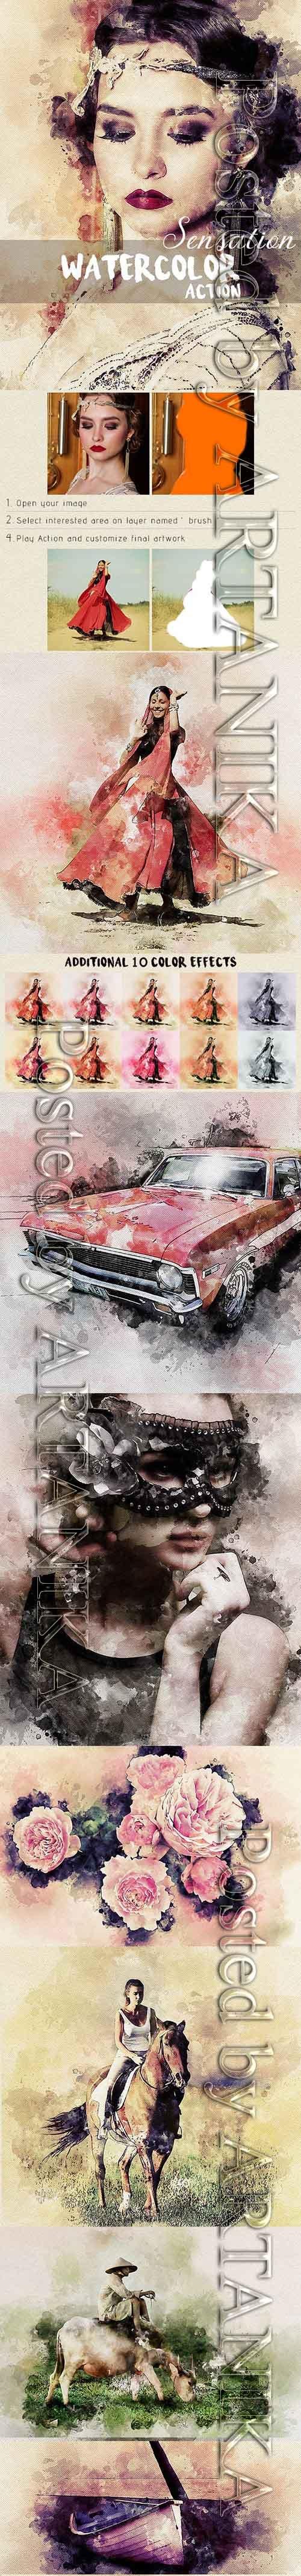 GraphicRiver - Sensation - Watercolor Photoshop Action 22502779